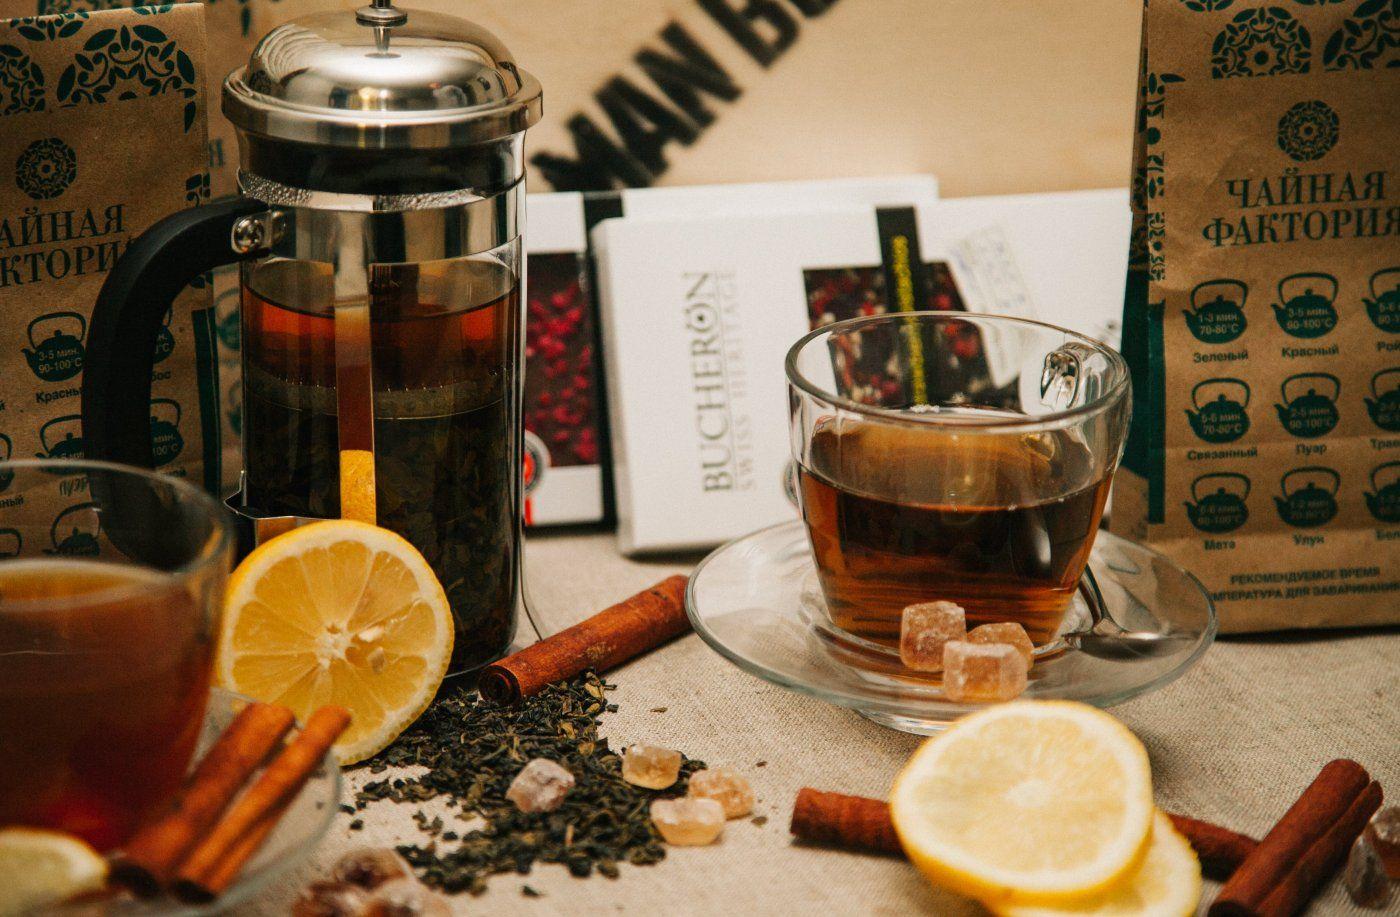 набор чая в подарок для мужчины